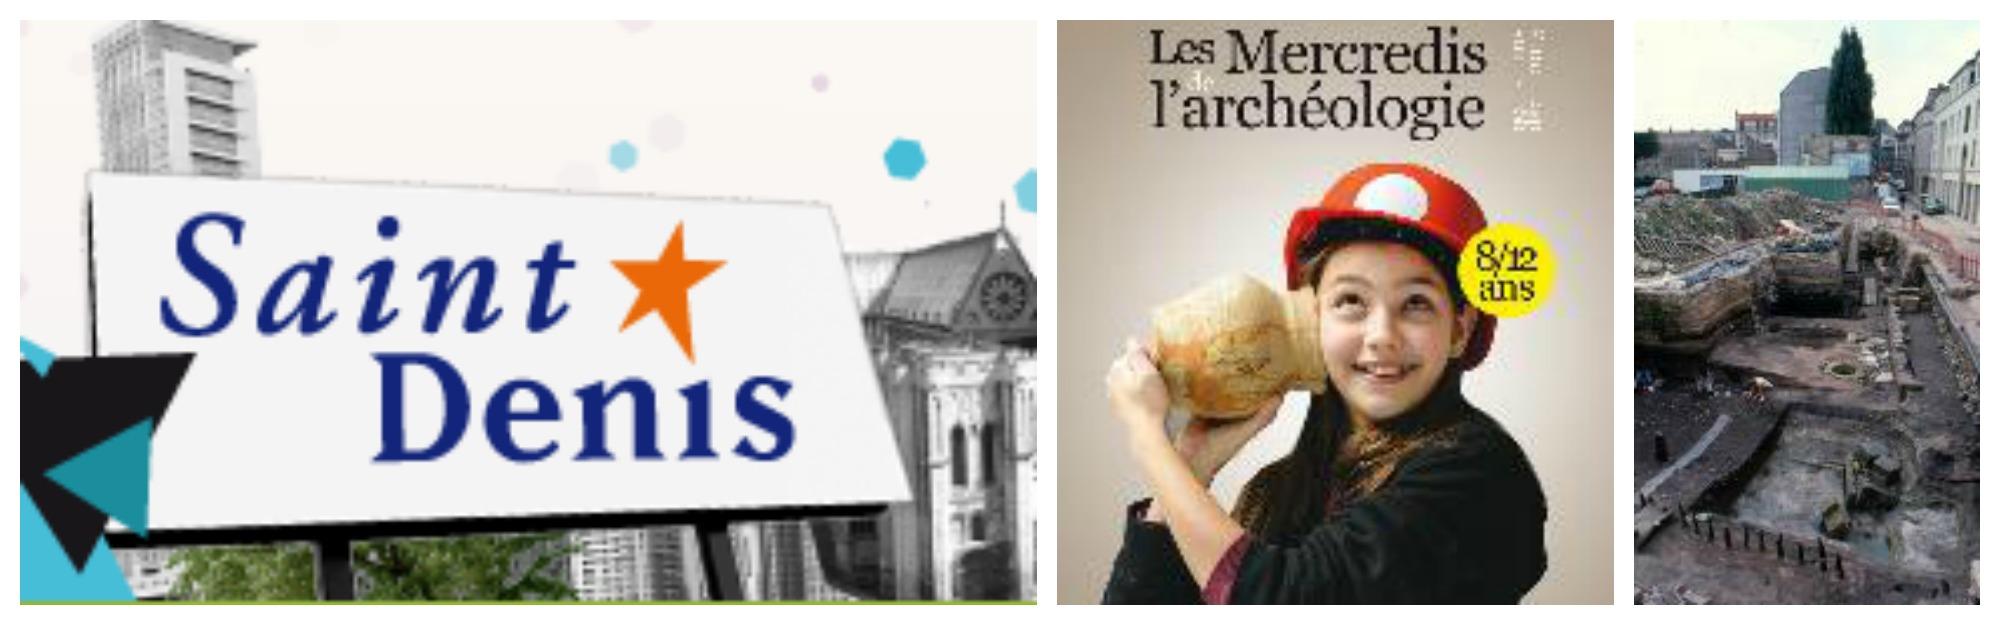 Paris automne 2015 - Les Mercredis de l'Archéologie - Expressions d'Enfants